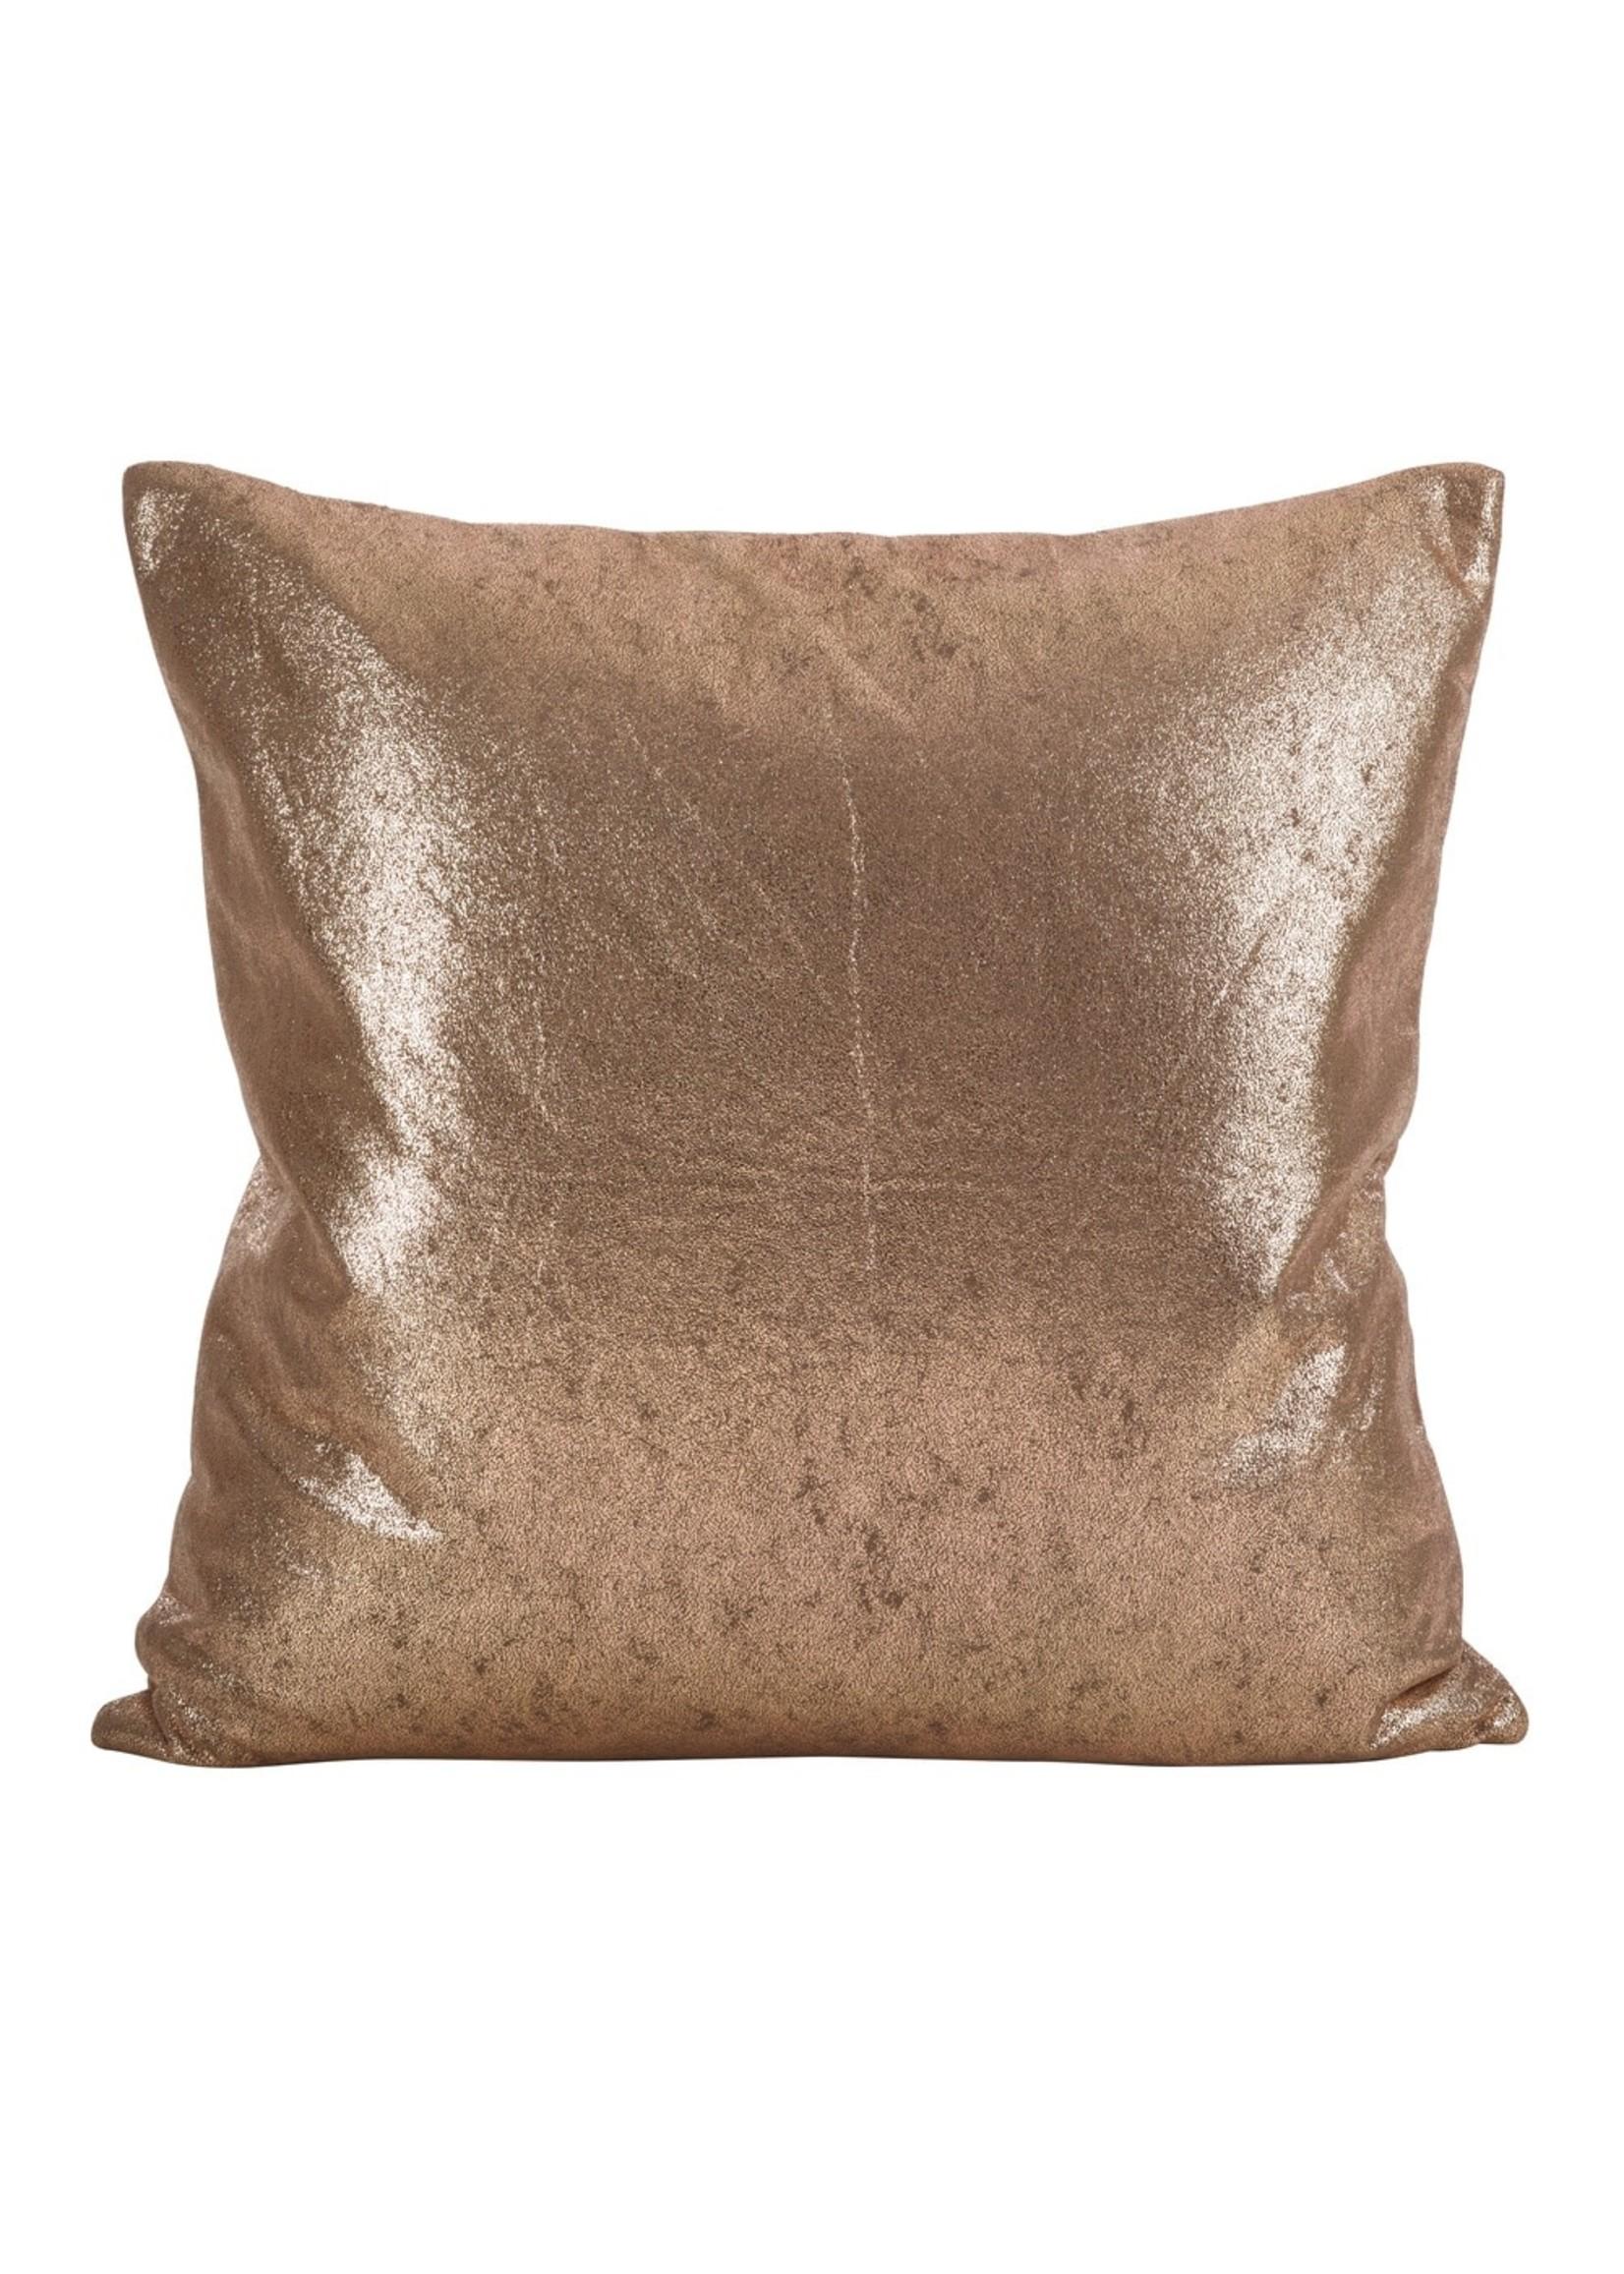 Saro SARO Shimmering Pillow - Rose